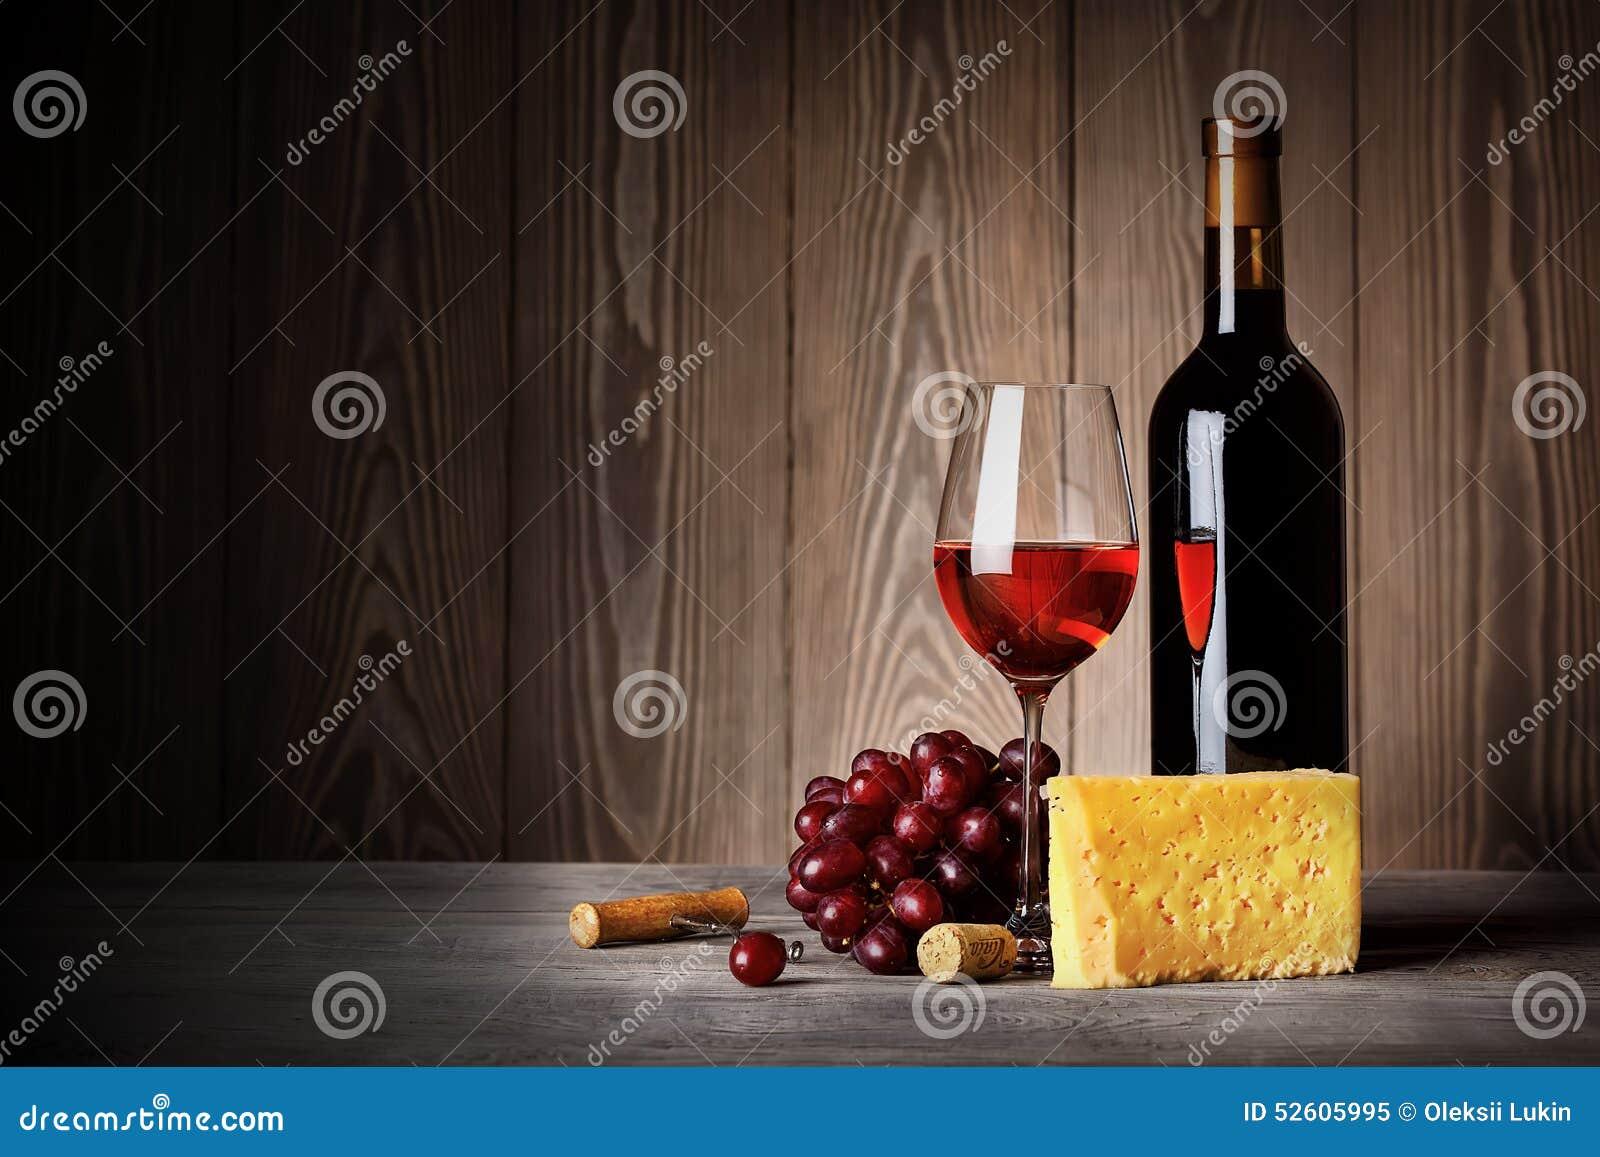 Flaska och exponeringsglas av rött vin med ostdruvor